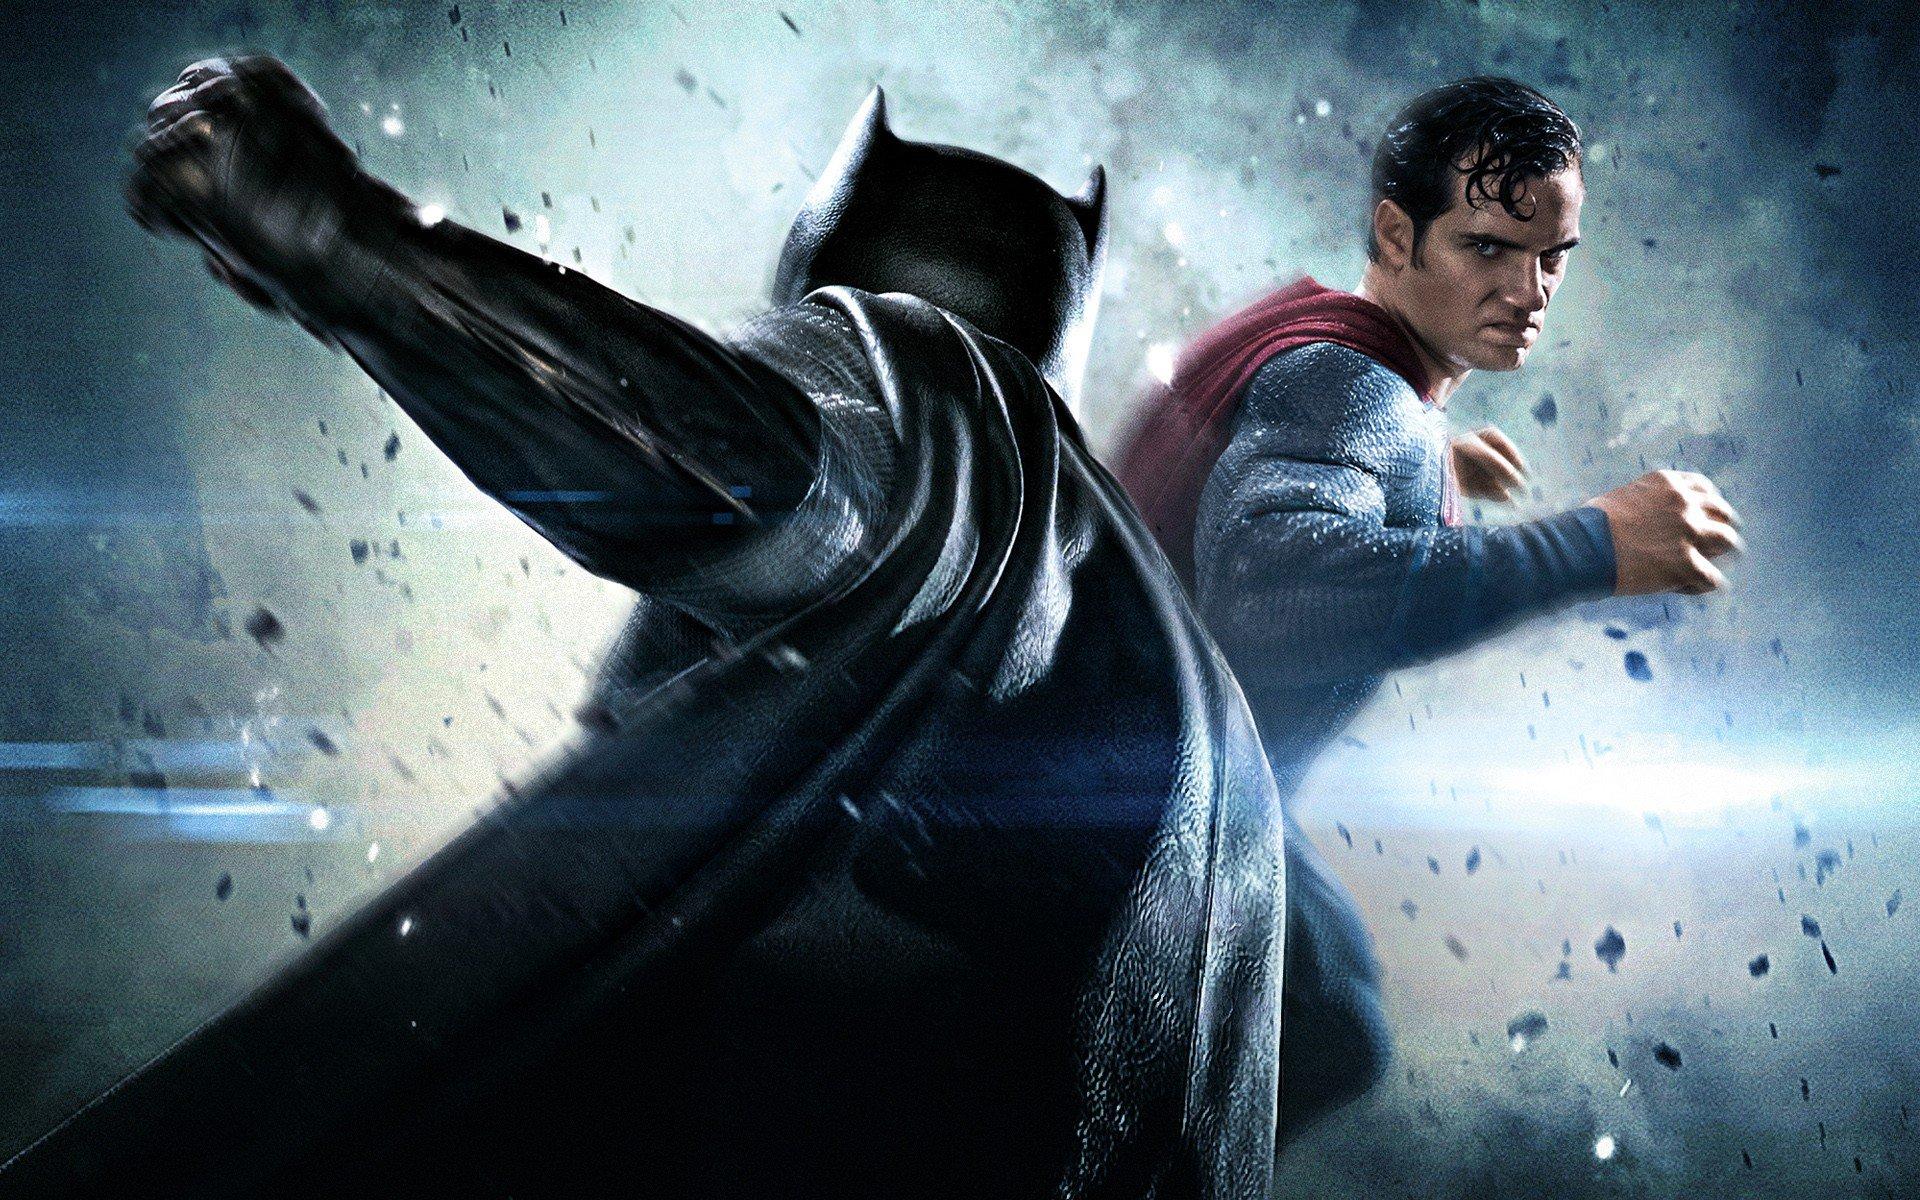 Batman vs superman dawn of justice movie hd movies 4k wallpapers batman vs superman dawn of justice movie voltagebd Choice Image